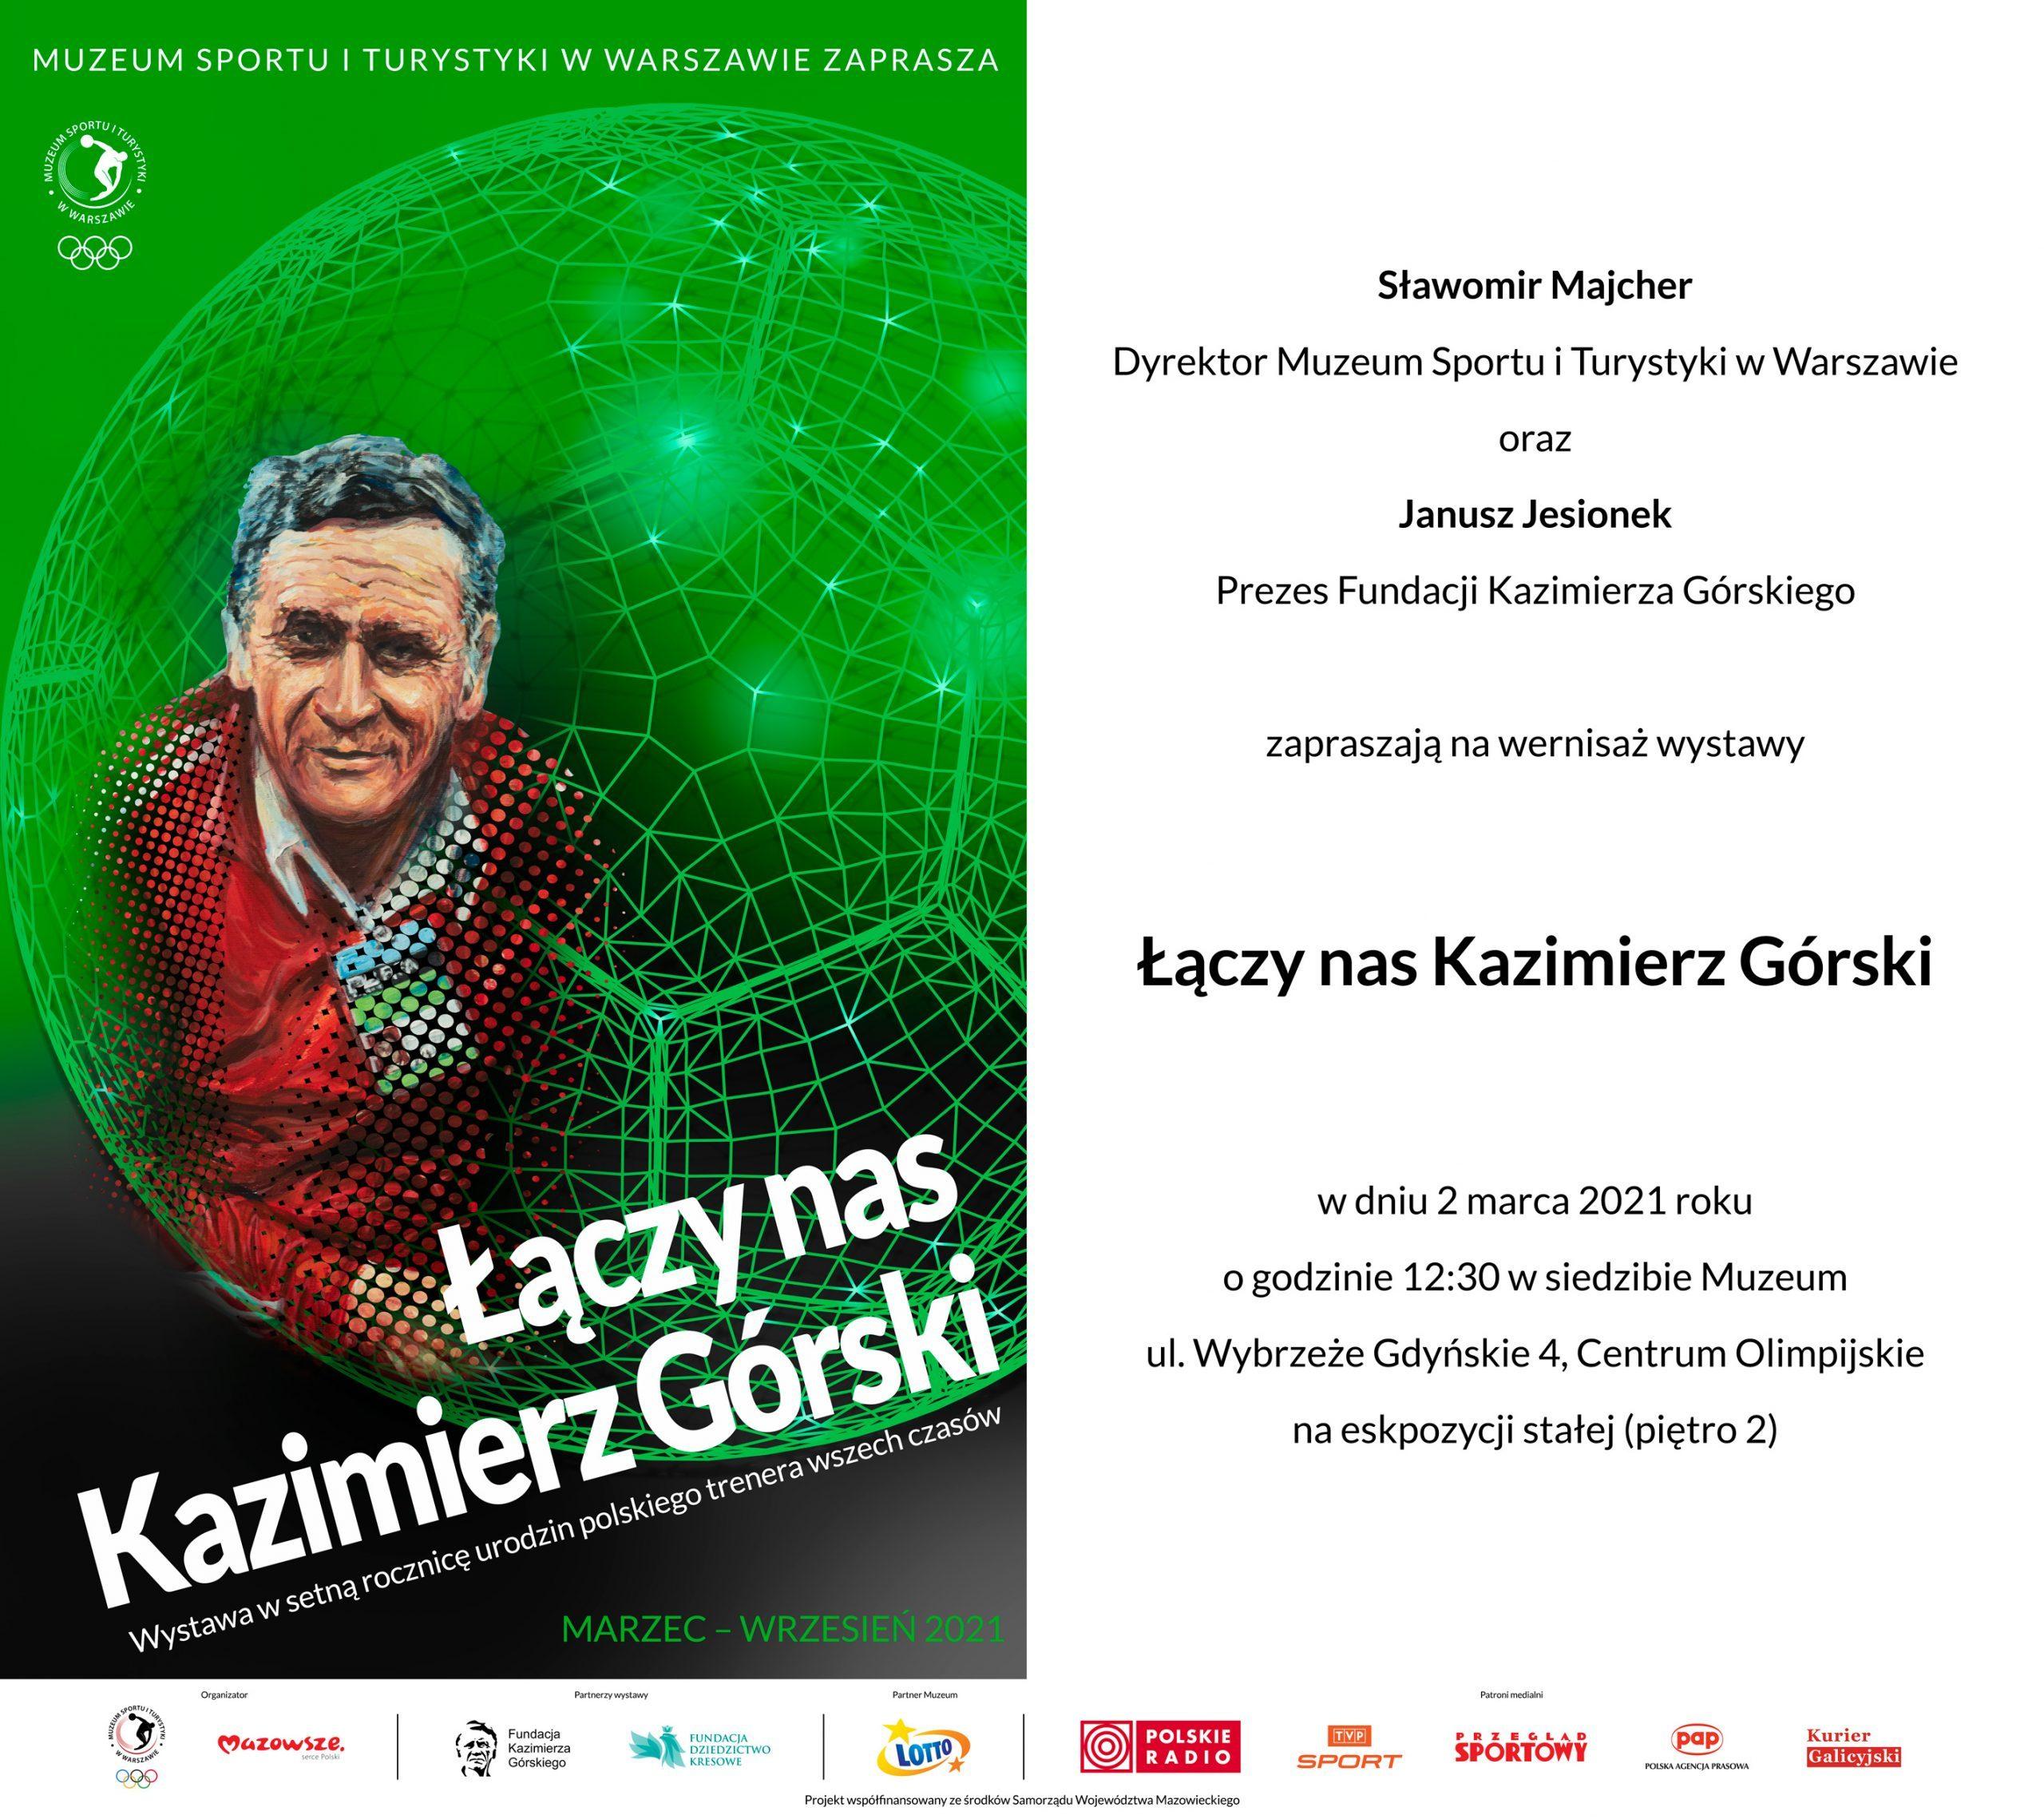 Kazimierz Górski – Lwowianin z urodzenia